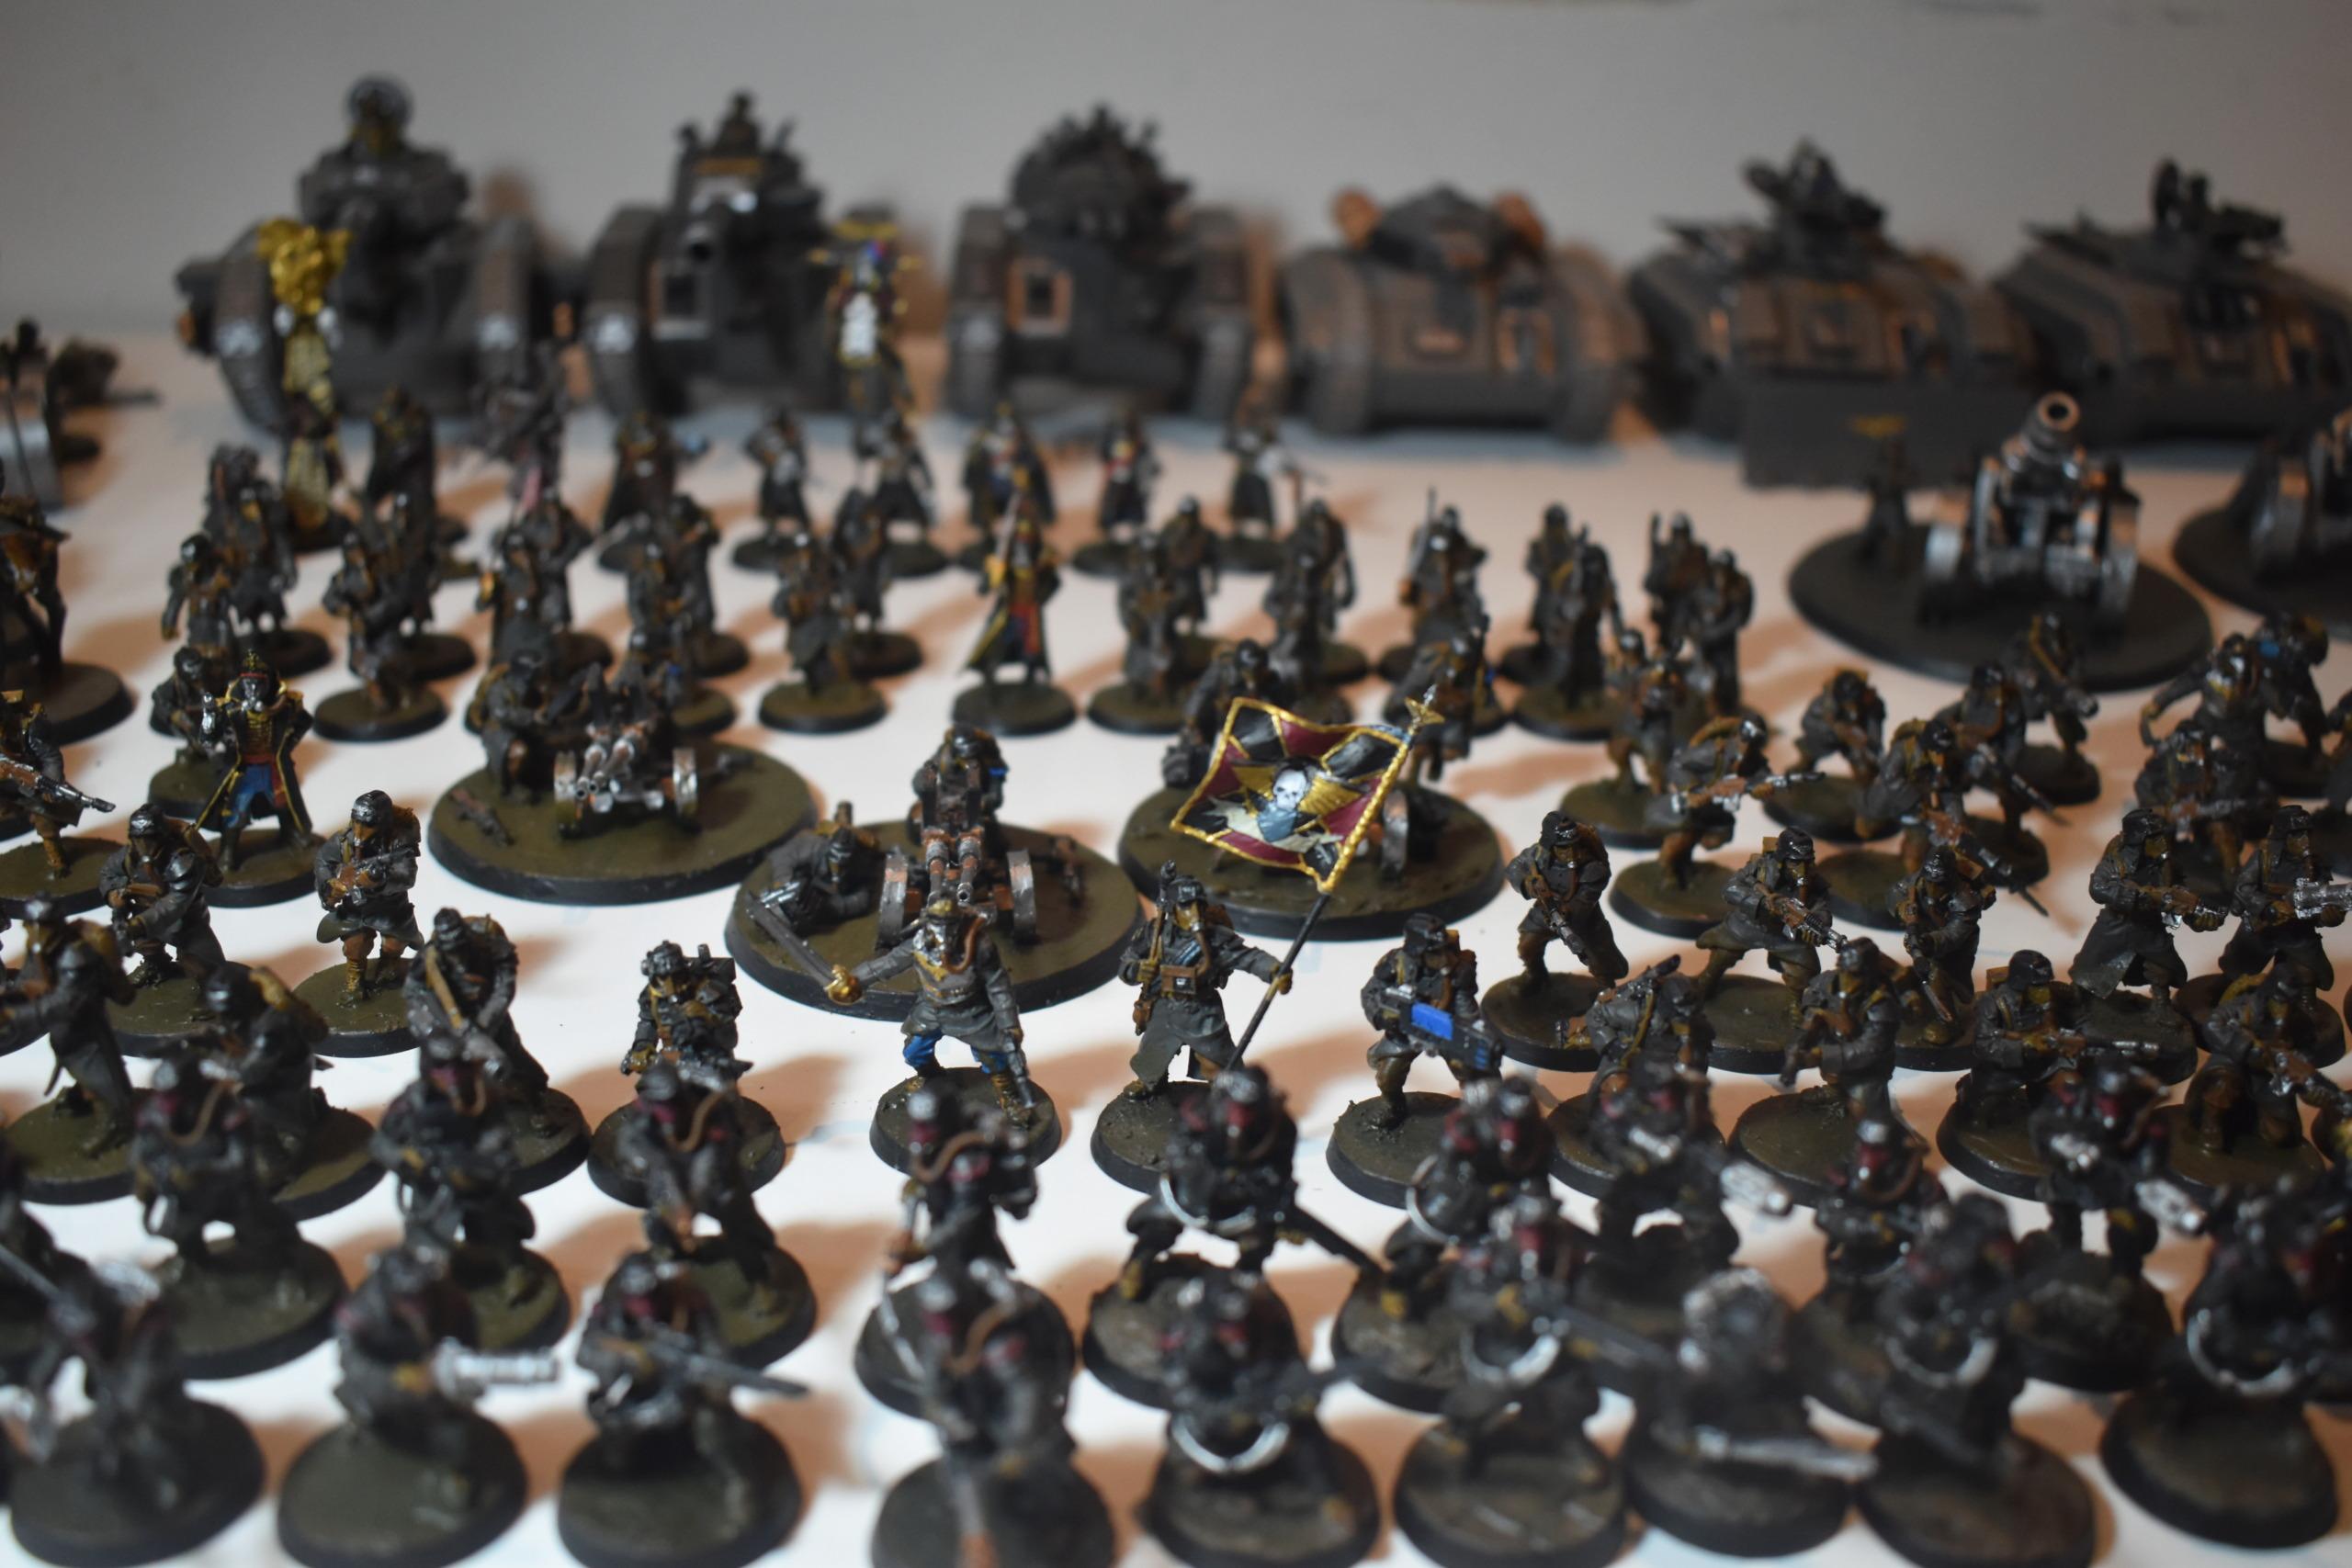 Les Armées de Nico. (Battle, 40K & HH) - Page 6 Dsc_0250